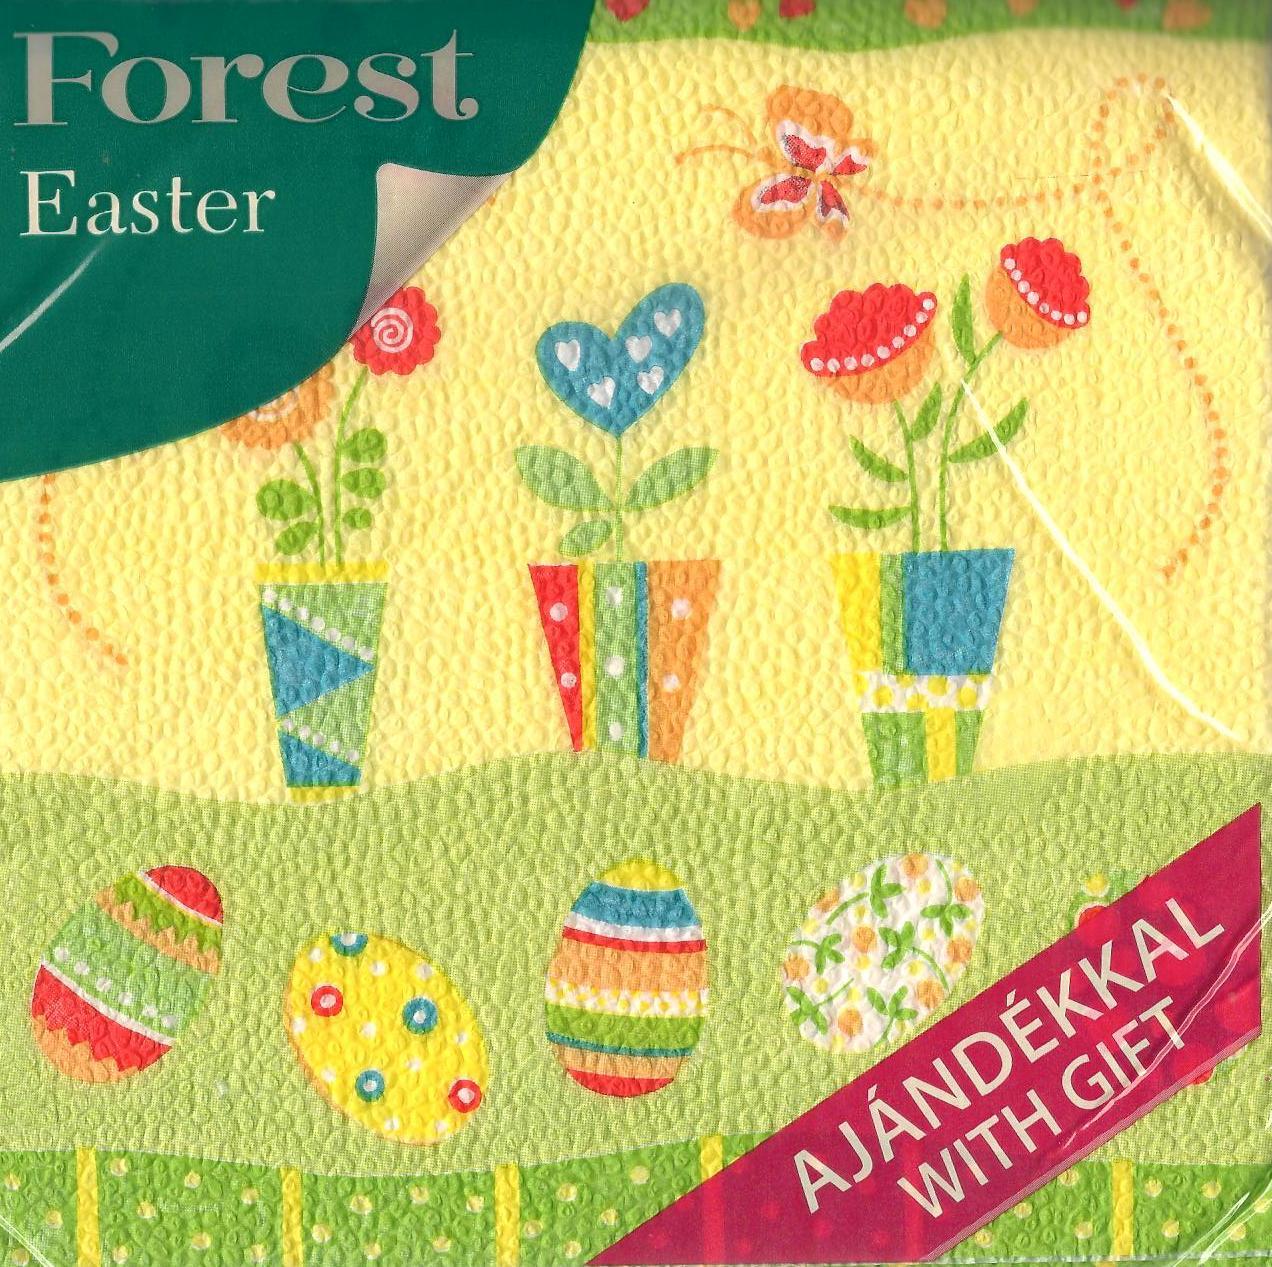 Forest velikonoční papírové ubrousky Květináče a vajíčka 1 vrstvé 33 x 33 cm 20 kusů